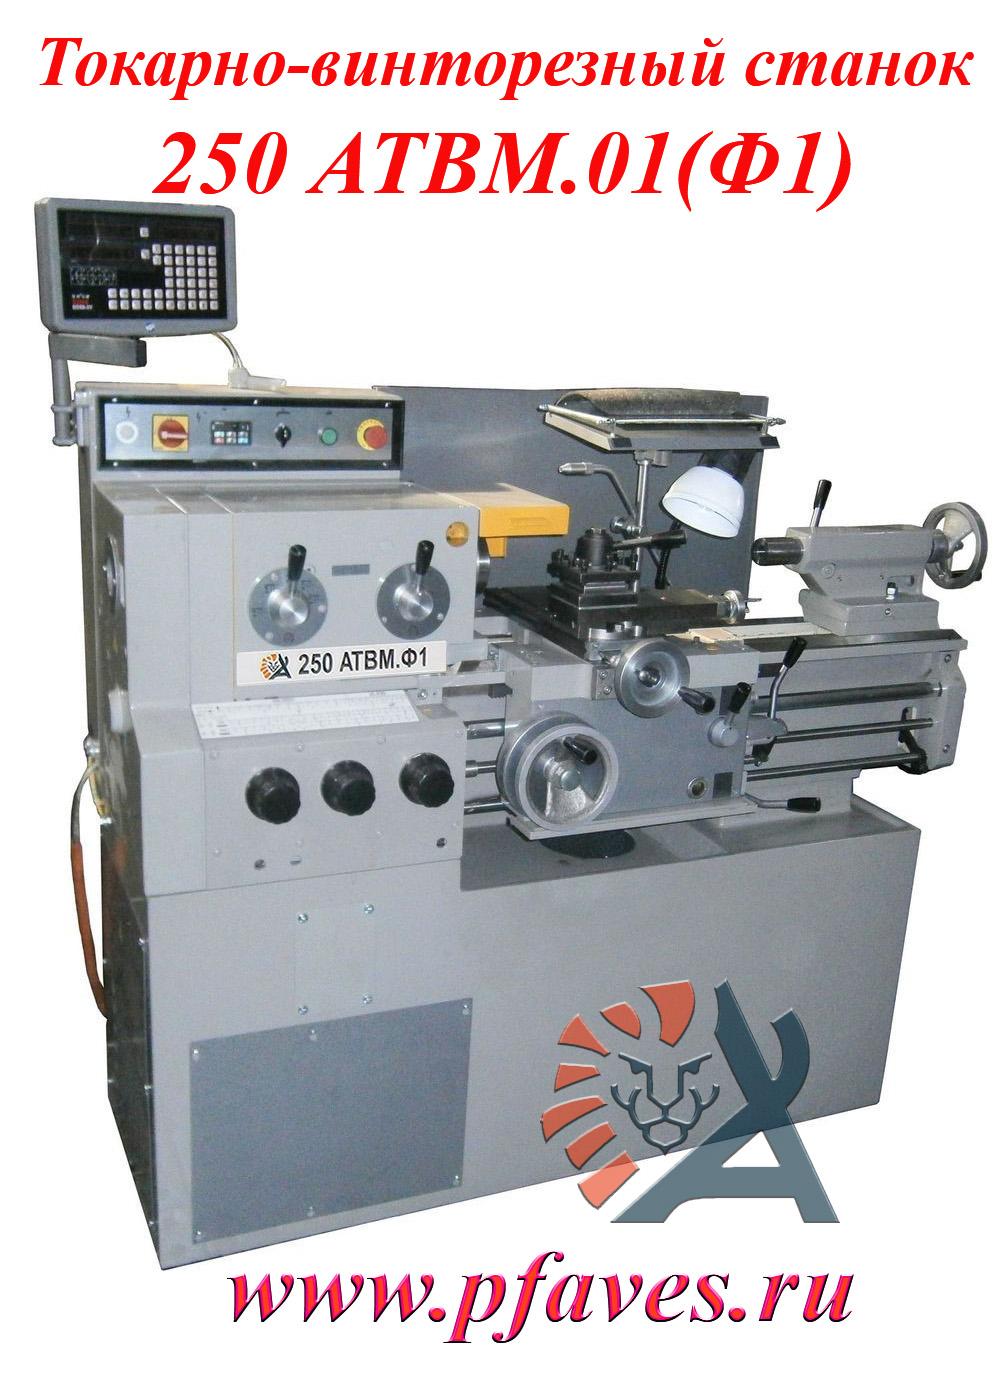 токарный станок,токарно-винторезный станок,технические газы,кислородная рампа,резак газовый,металлообработка